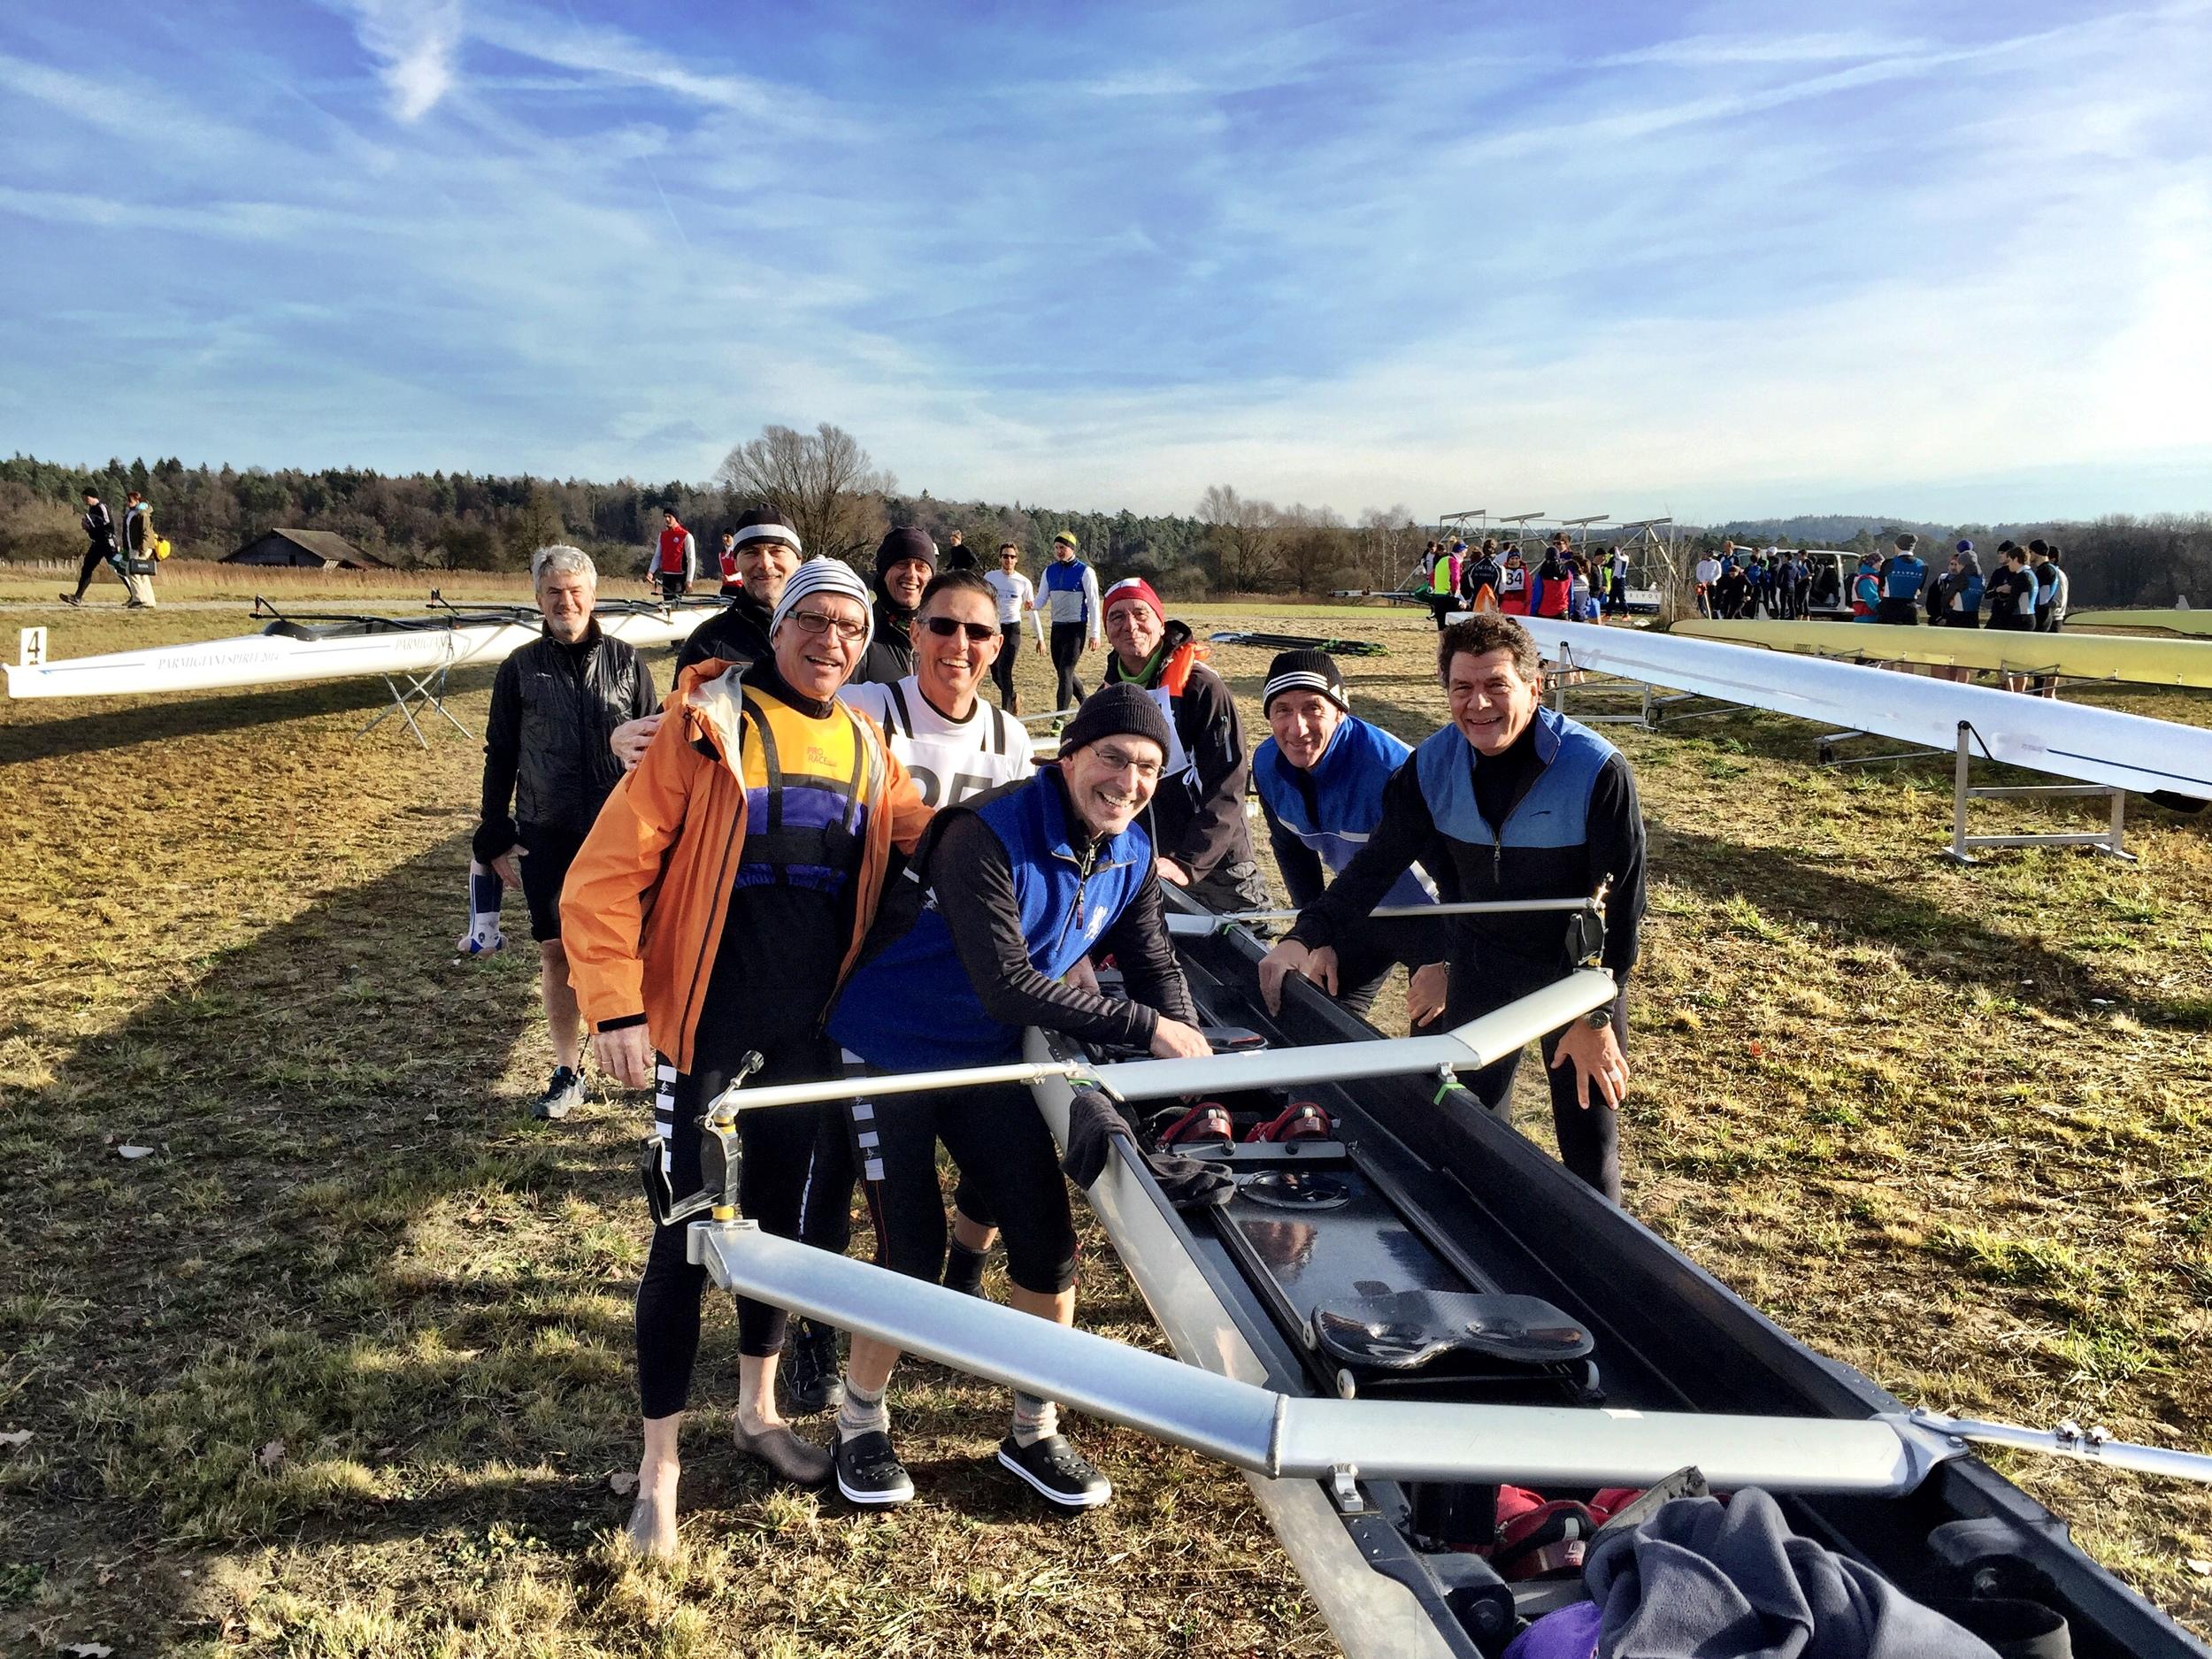 Im Dezember 2015 konnten wir an der Regatta in Eglisau eine gute Zeit über 11,4km einfahren. Auf die Zeit von 39:04 min. sind wir erstmal stolz und bleiben dran!